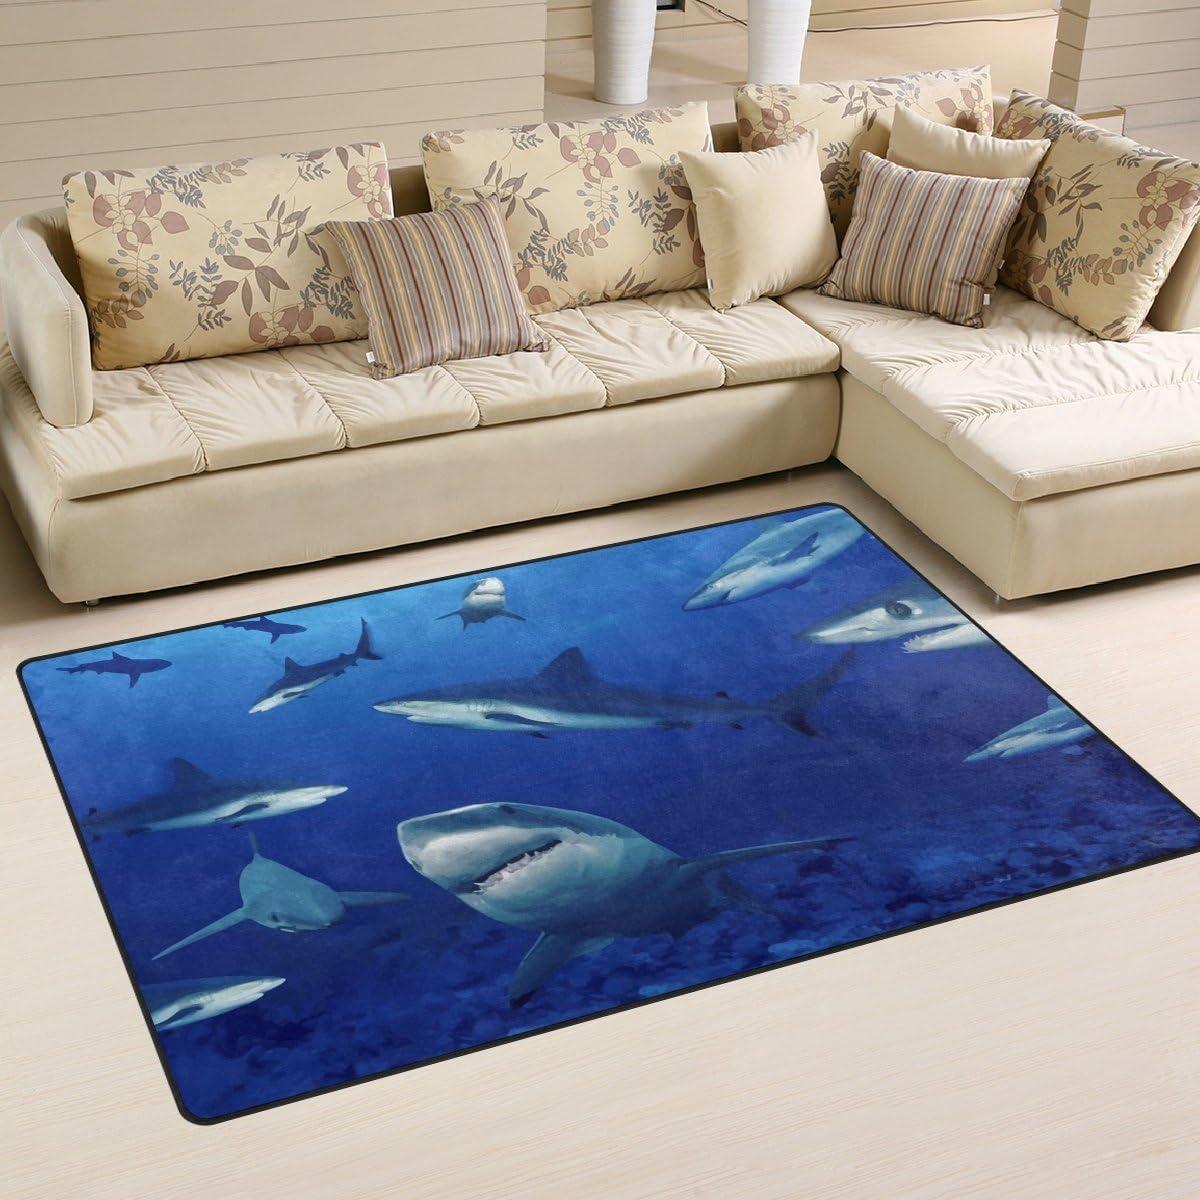 LORVIES Sharks Area Rug Carpet Non-Slip Floor Mat Doormats for Living Room Bedroom 60 x 39 inches